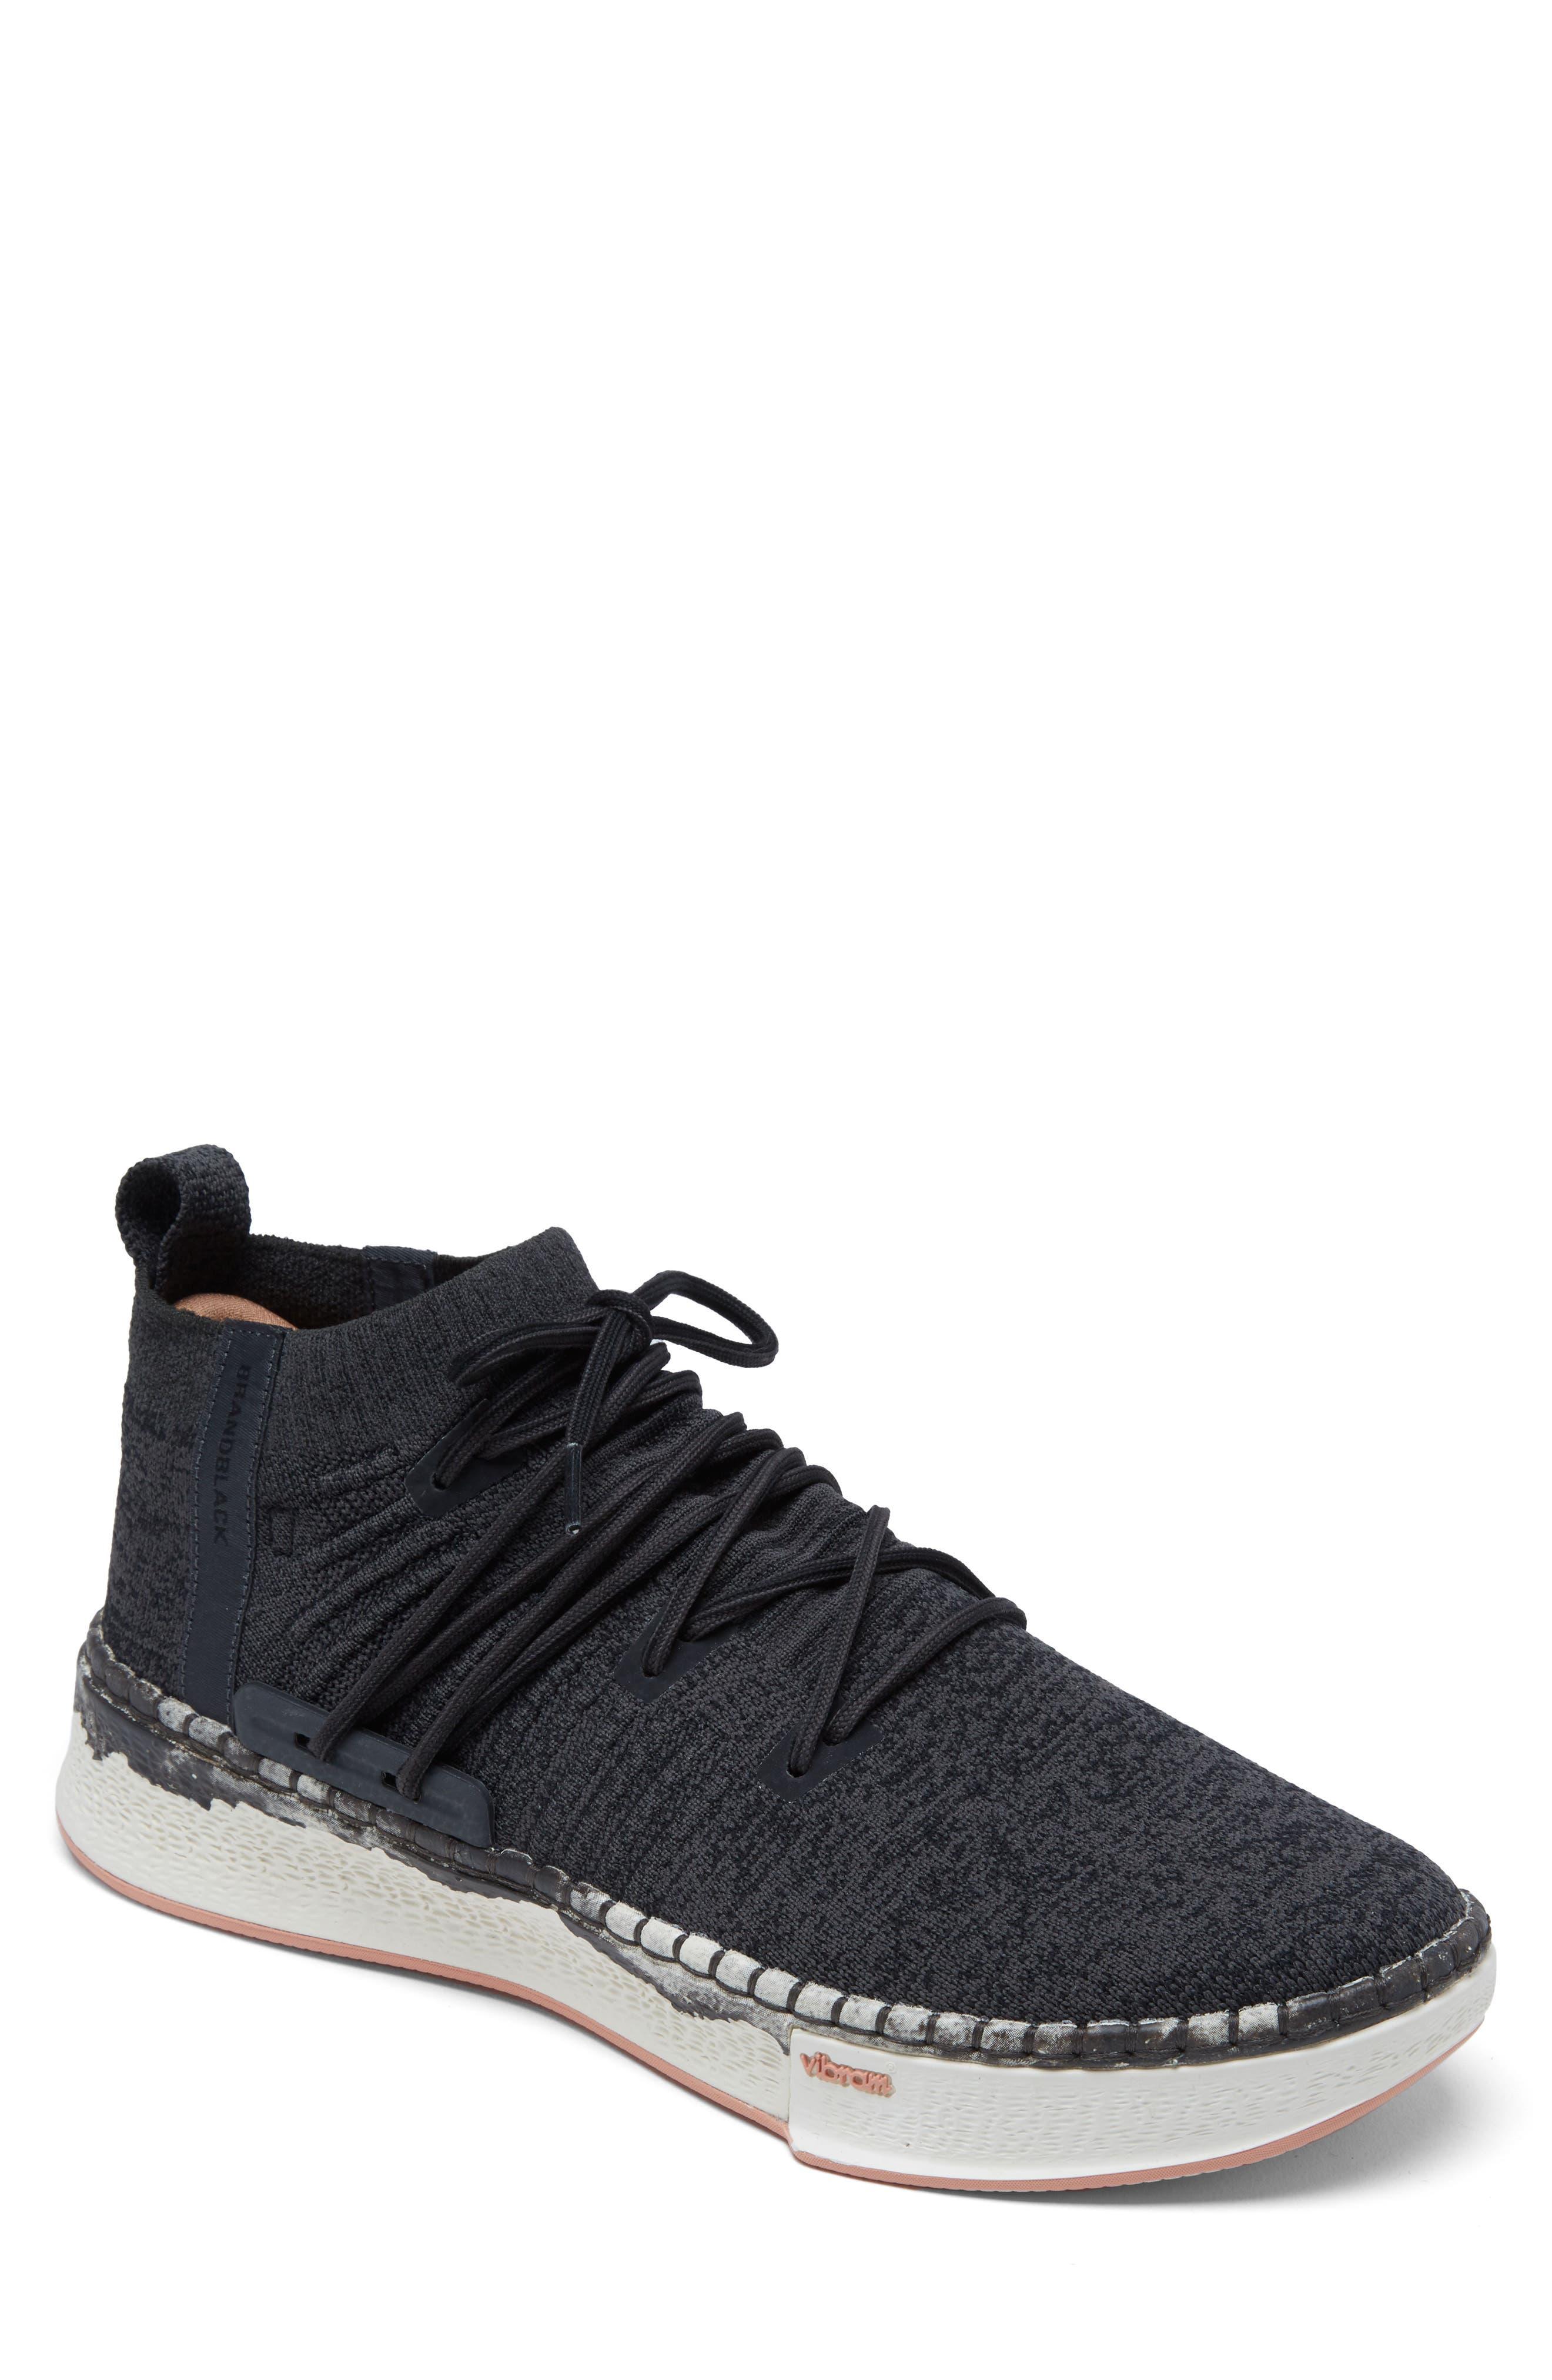 Delta Shibori Sneaker,                         Main,                         color, Black